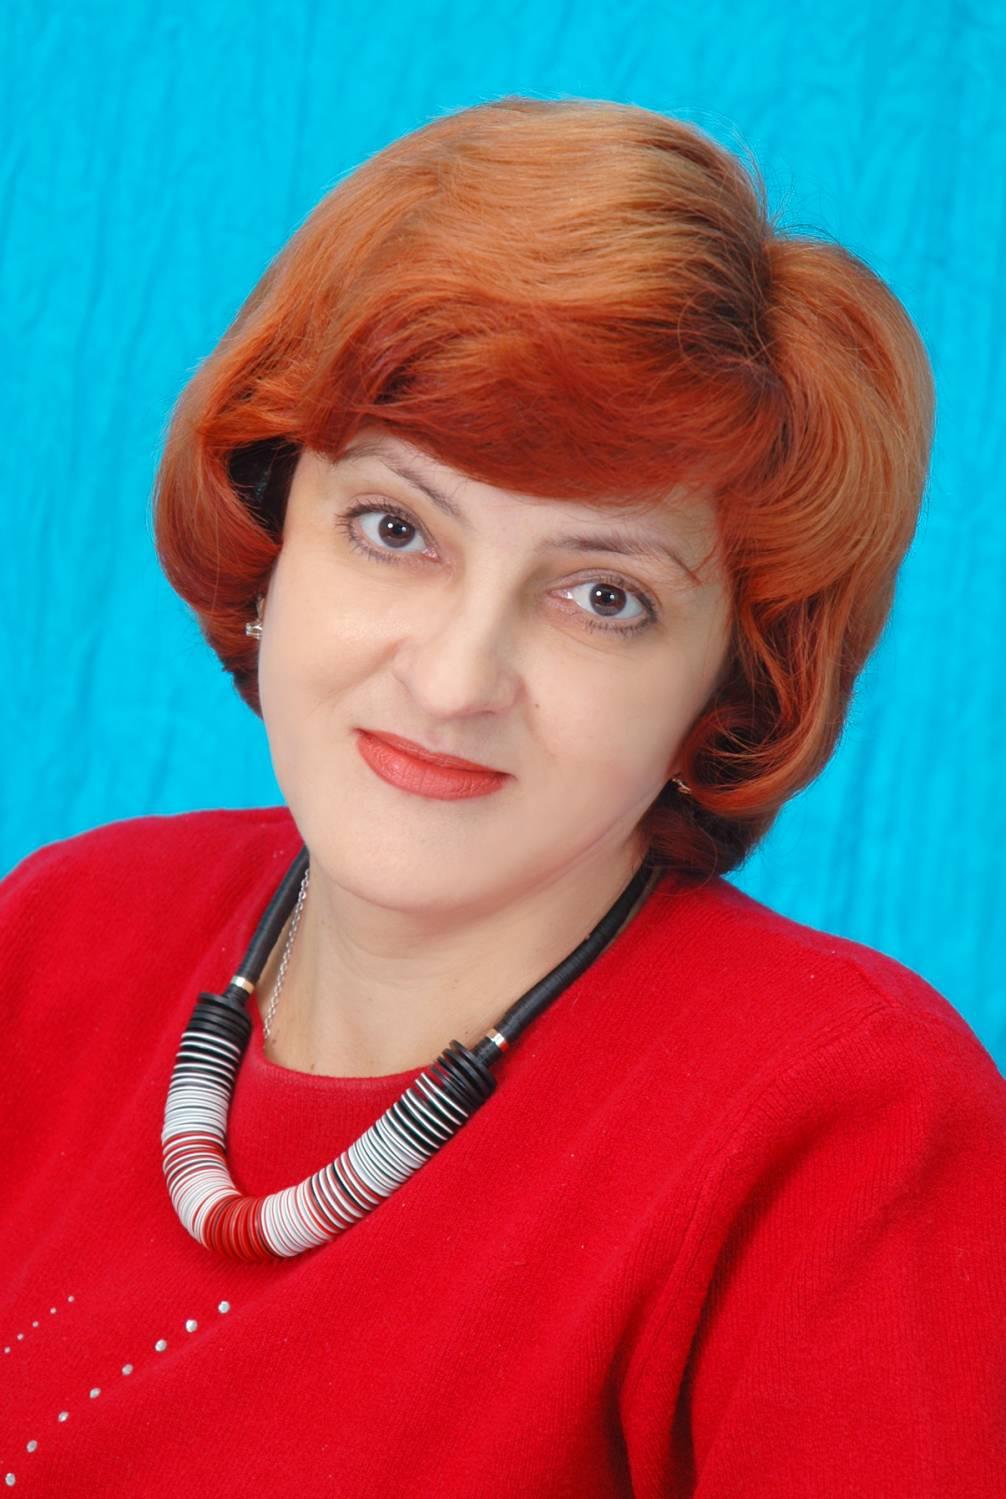 макеевка школа 53 фото